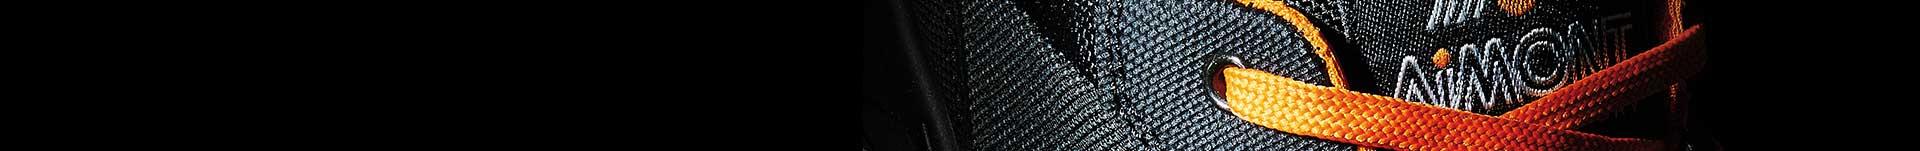 acquista il più recente dove comprare migliore qualità per Aimont - Calzature antinfortunistiche